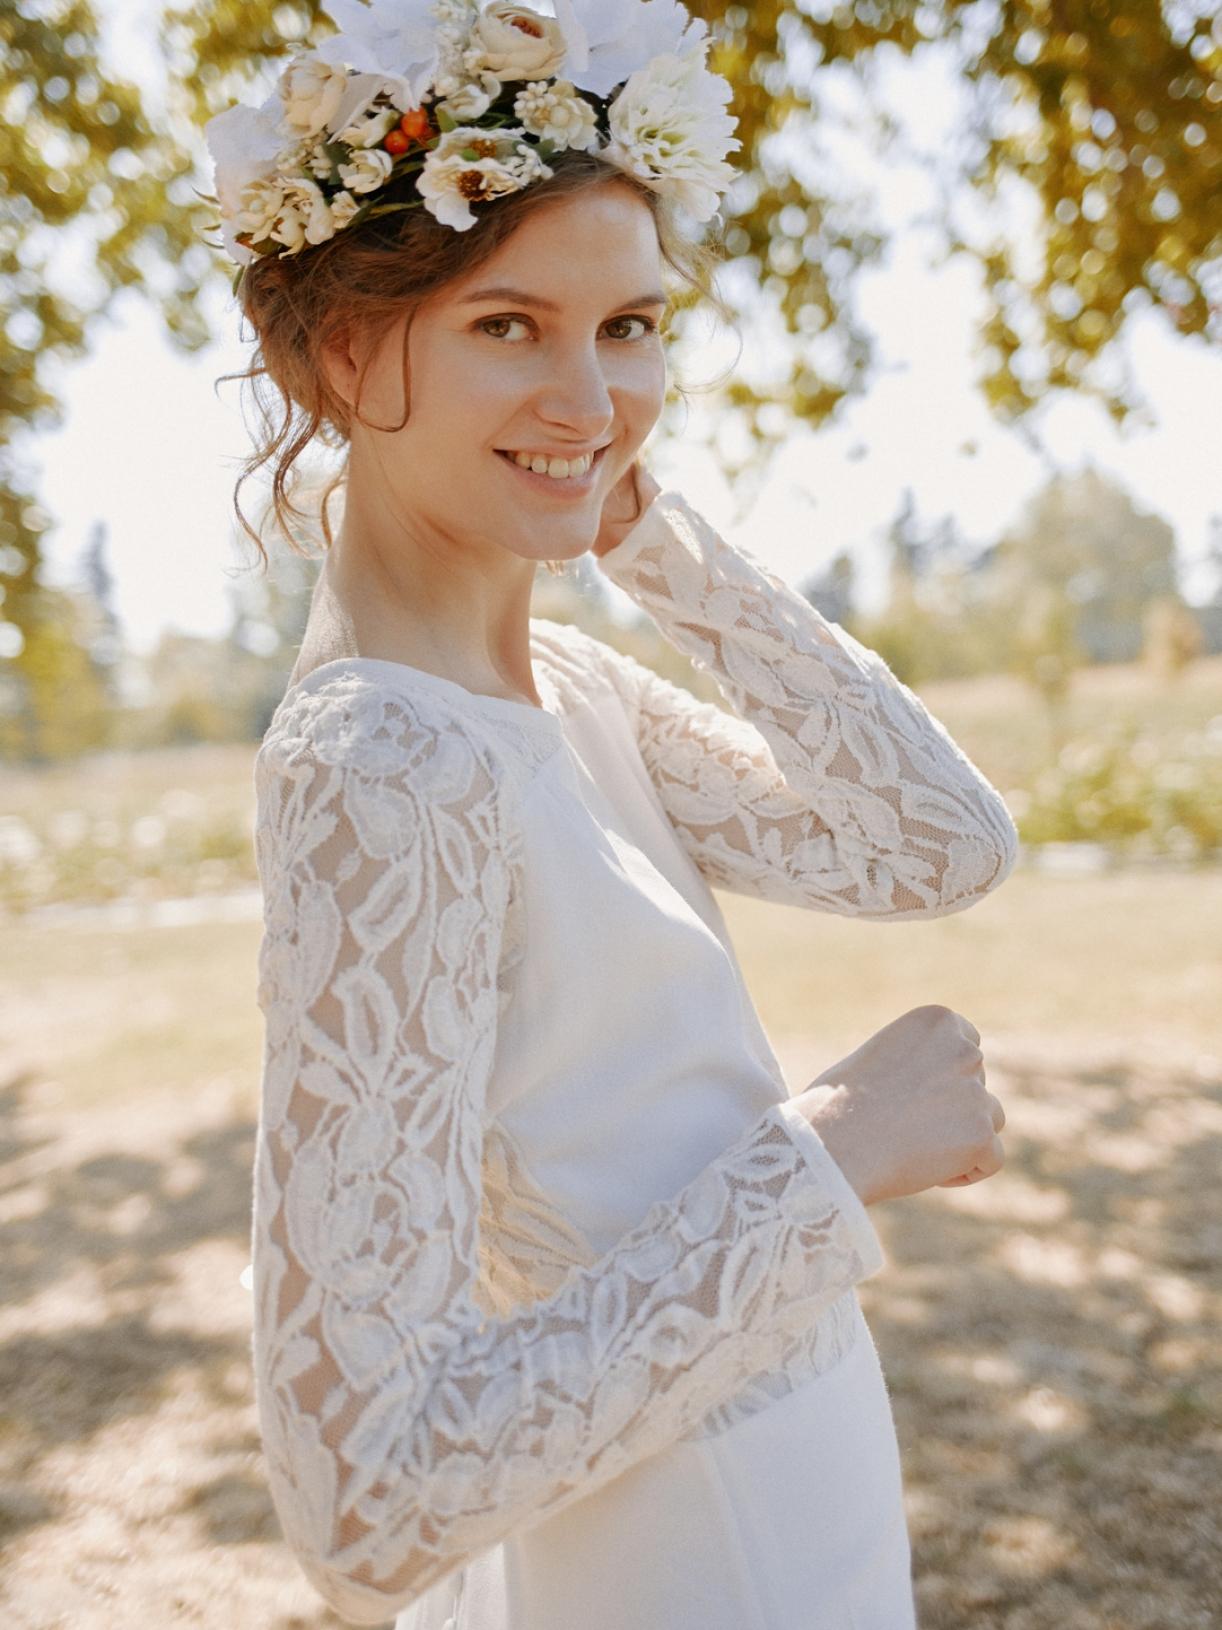 Iris - Robe de mariée bohème a découpes de dentelle écoresponsable - Myphilosophy